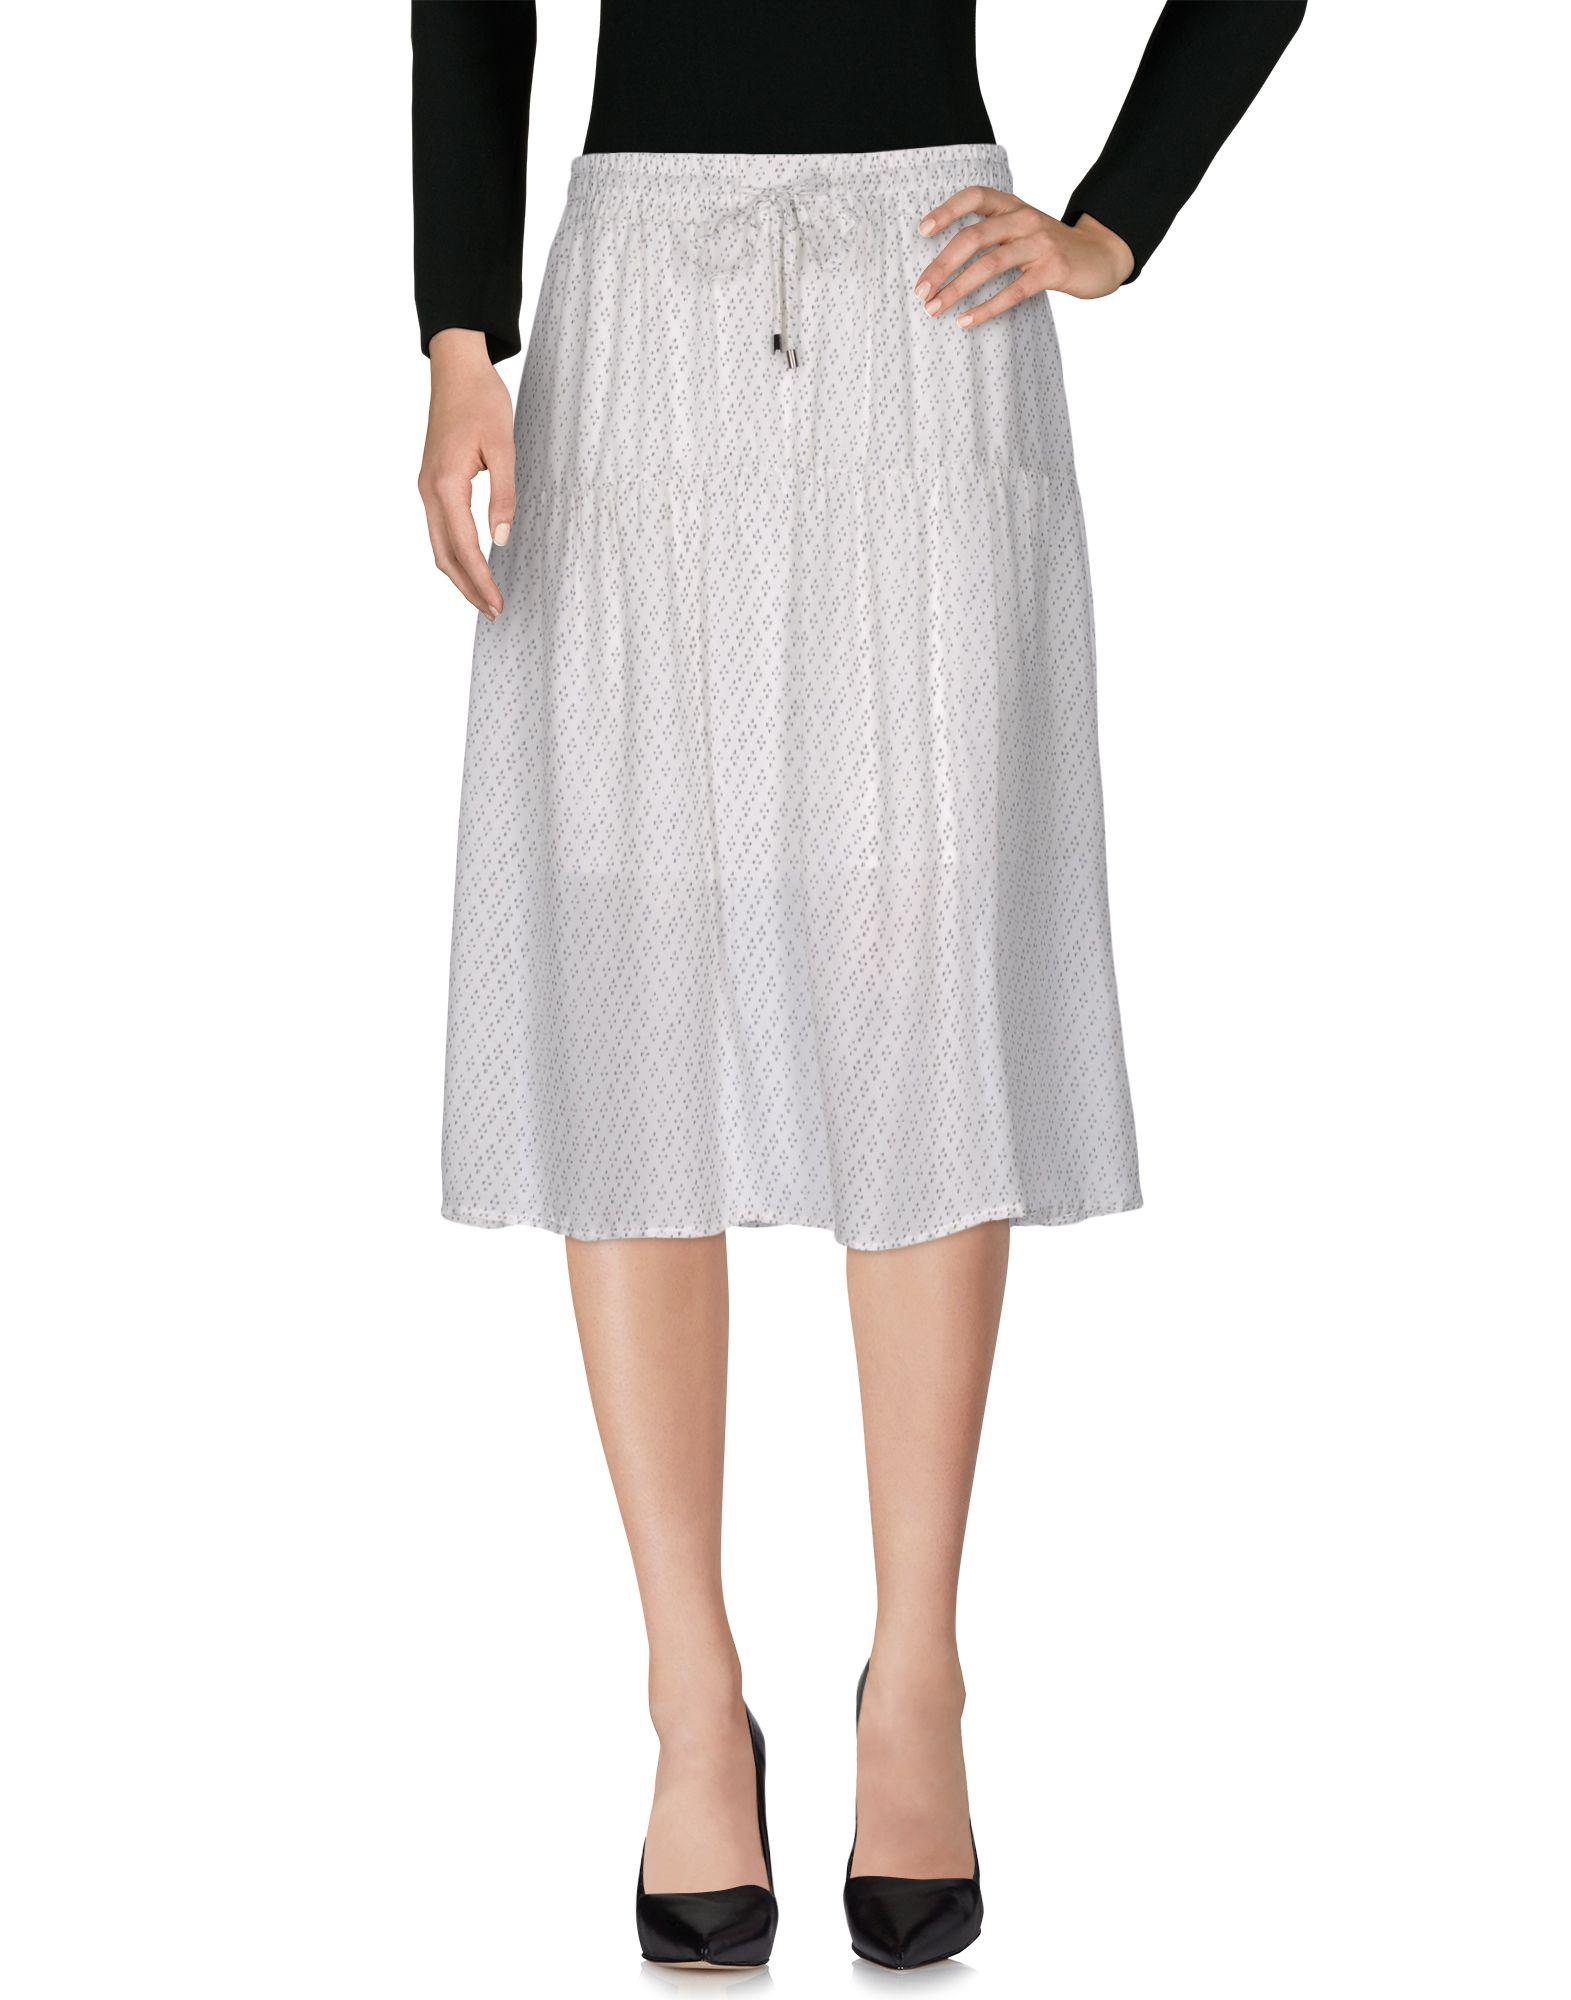 CUSTOMMADE 3/4 Length Skirts in White